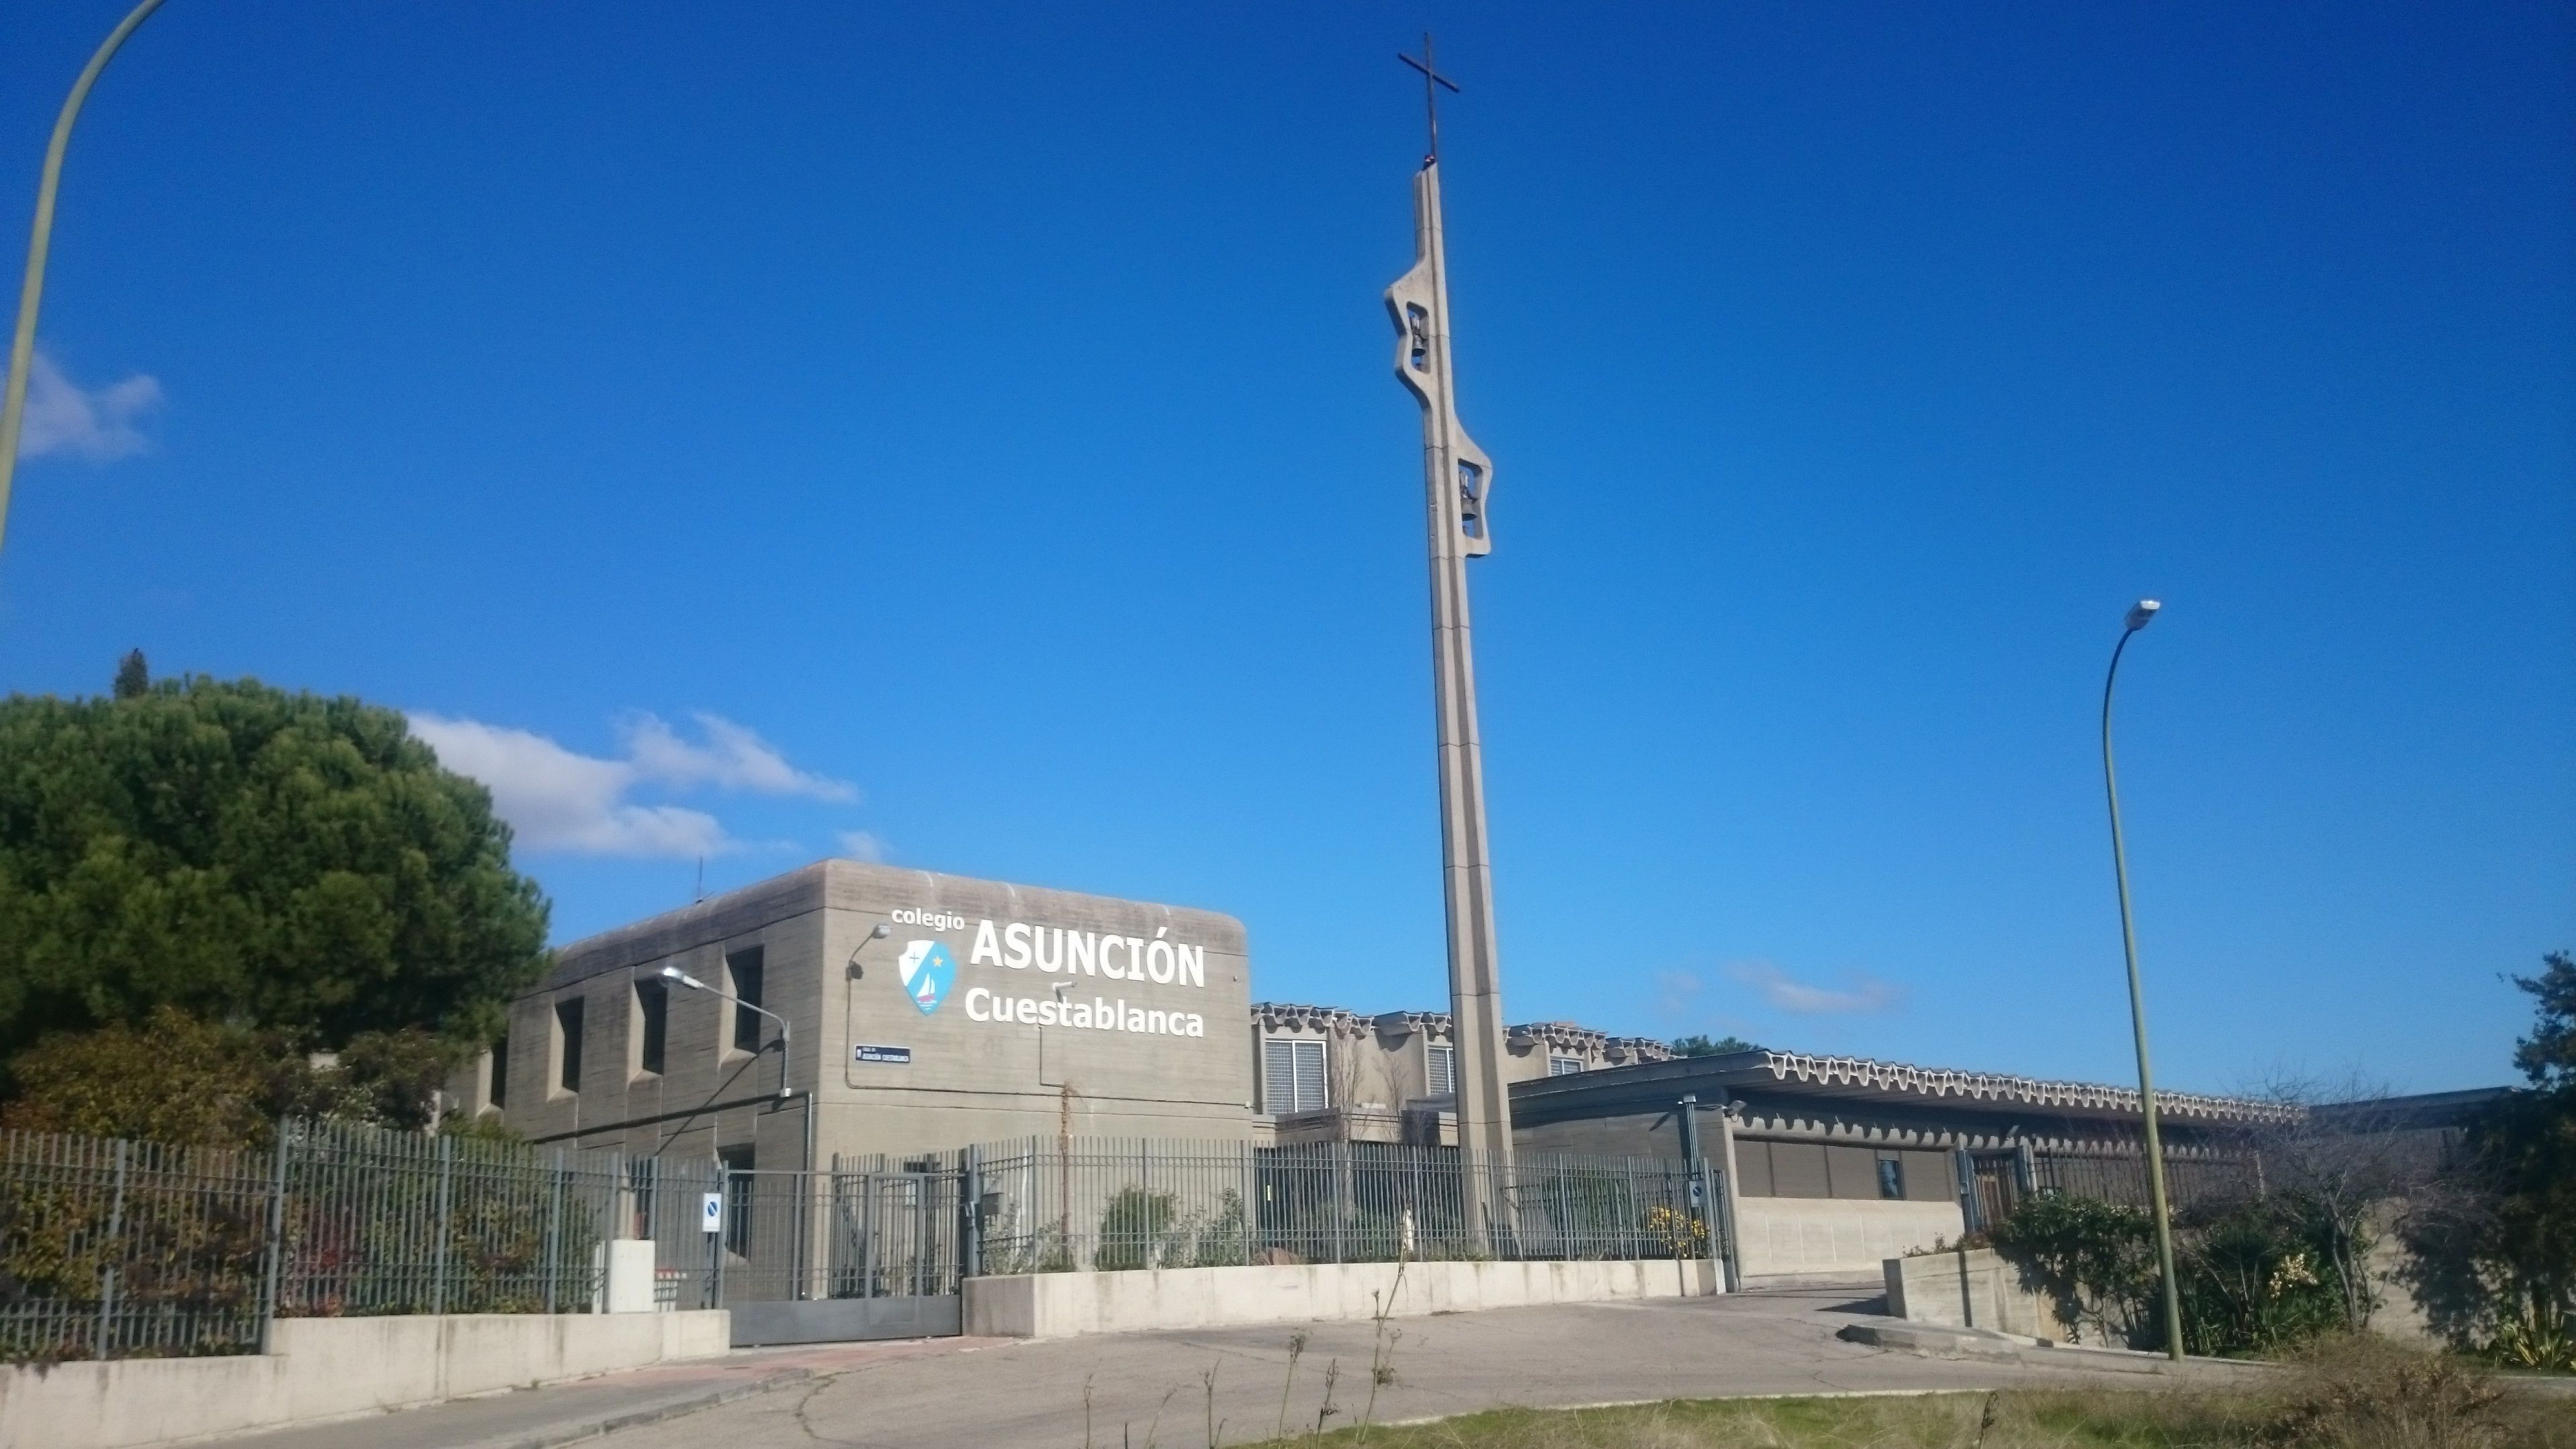 Bienvenidos a la nueva web del Colegio Asunción Cuestablanca